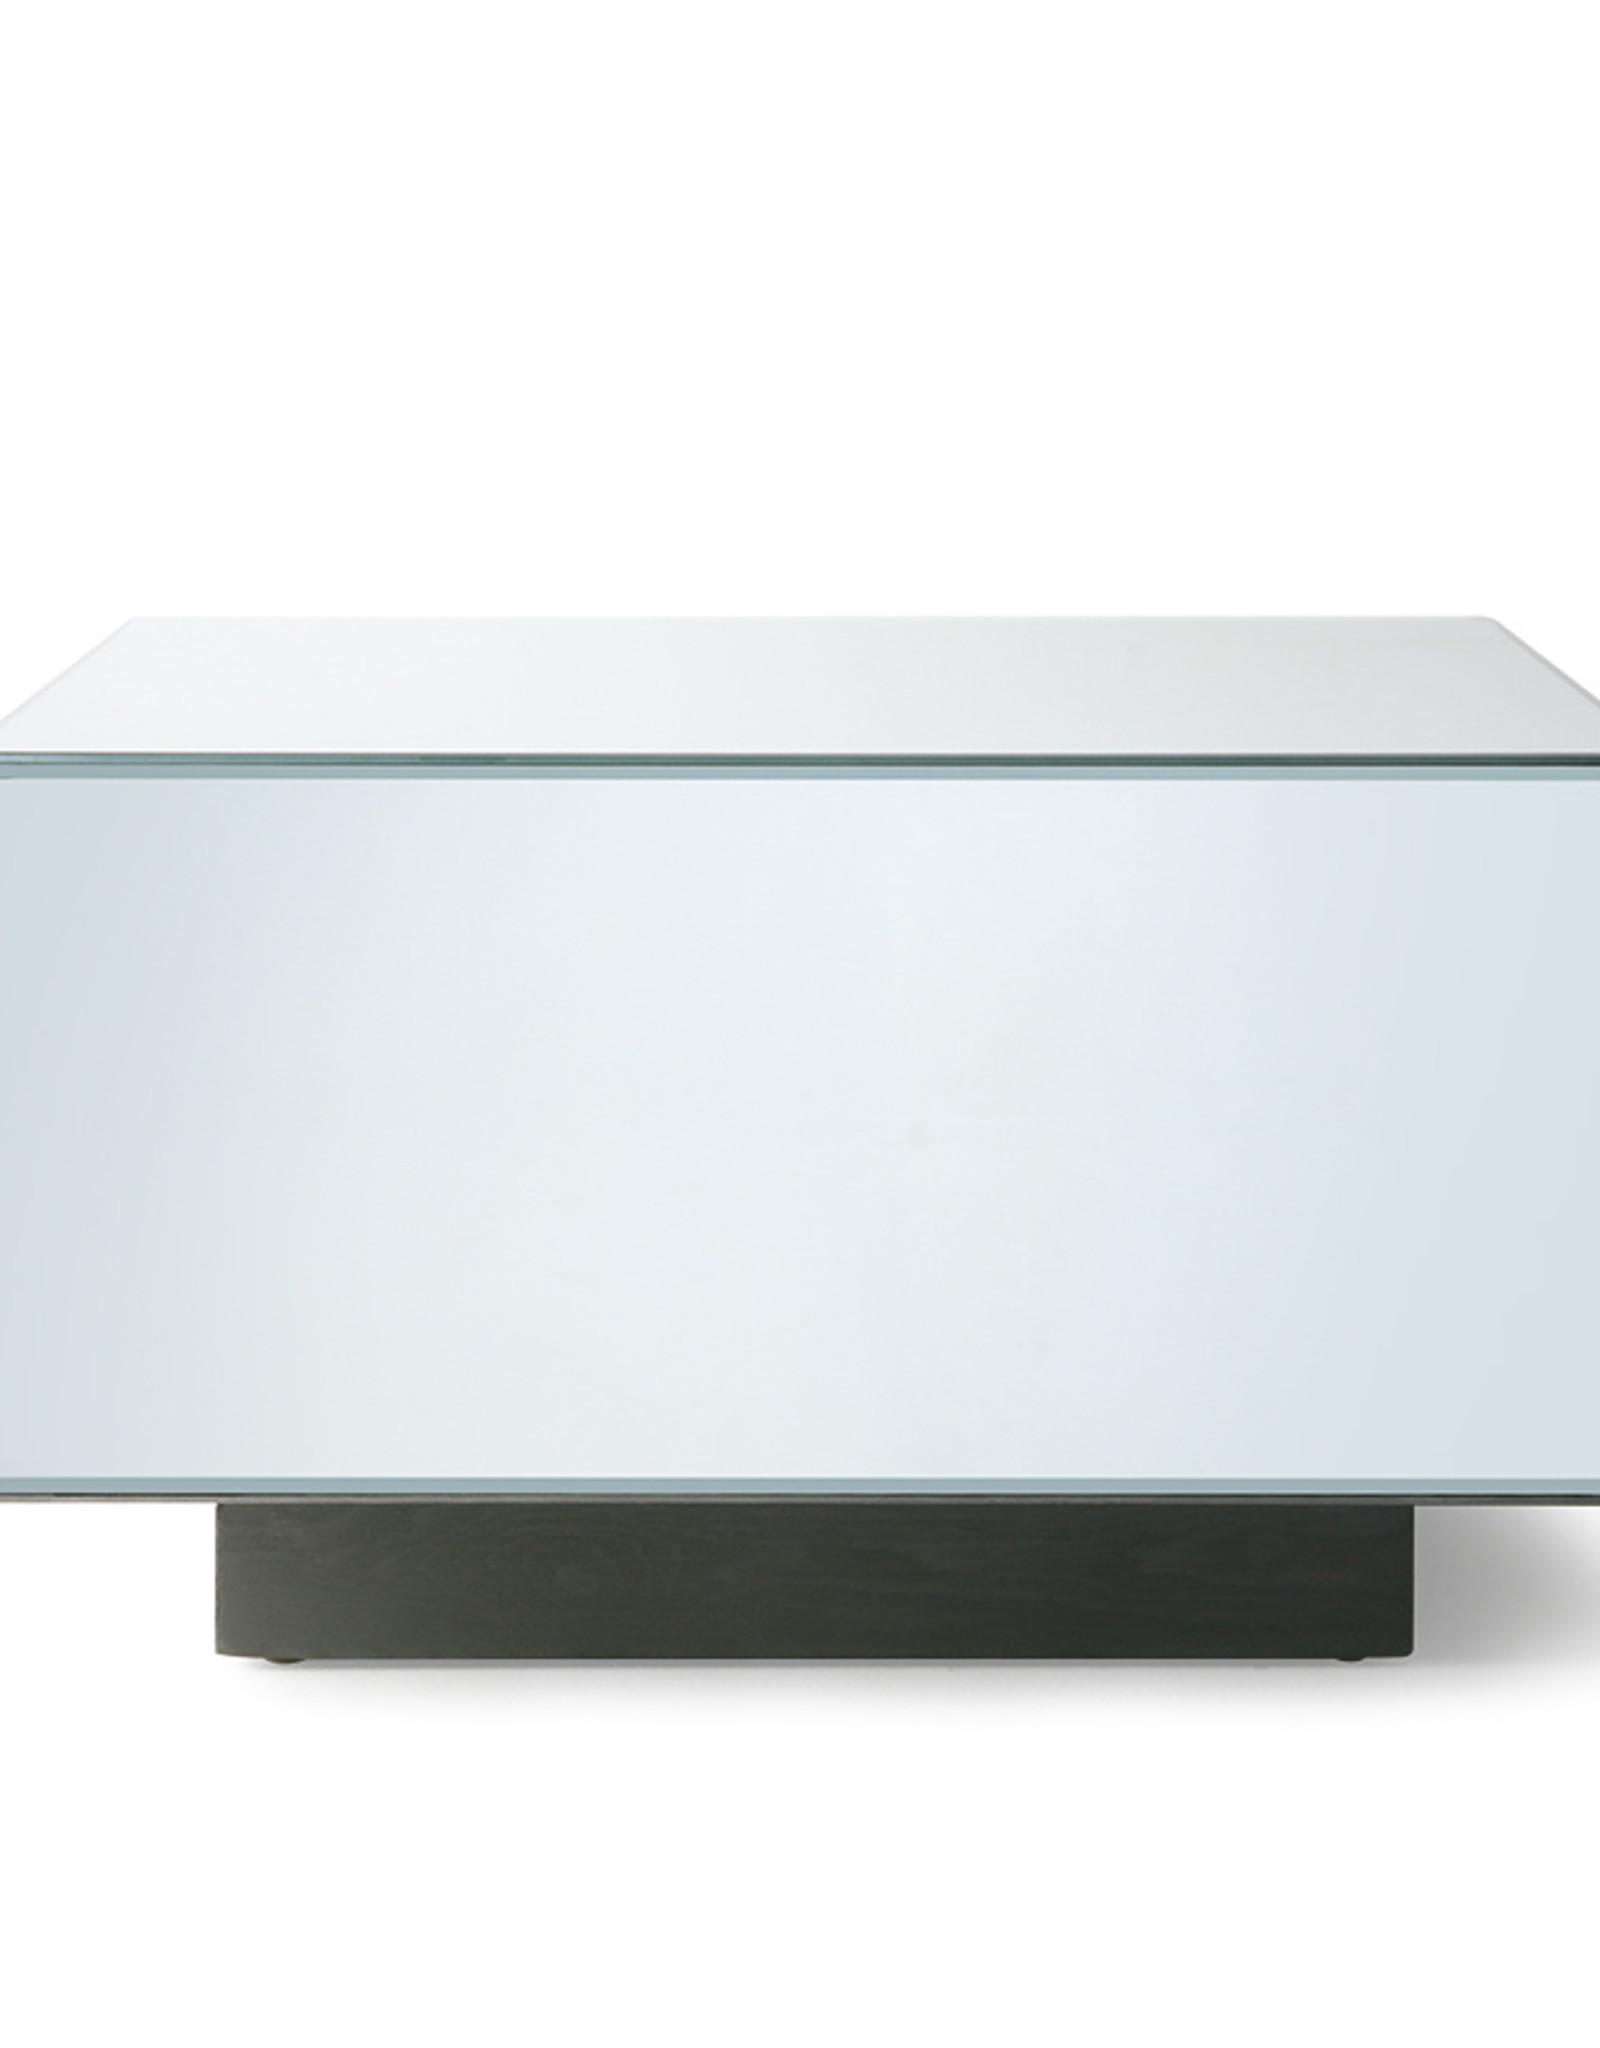 HK Living Mirror Block Table -  L